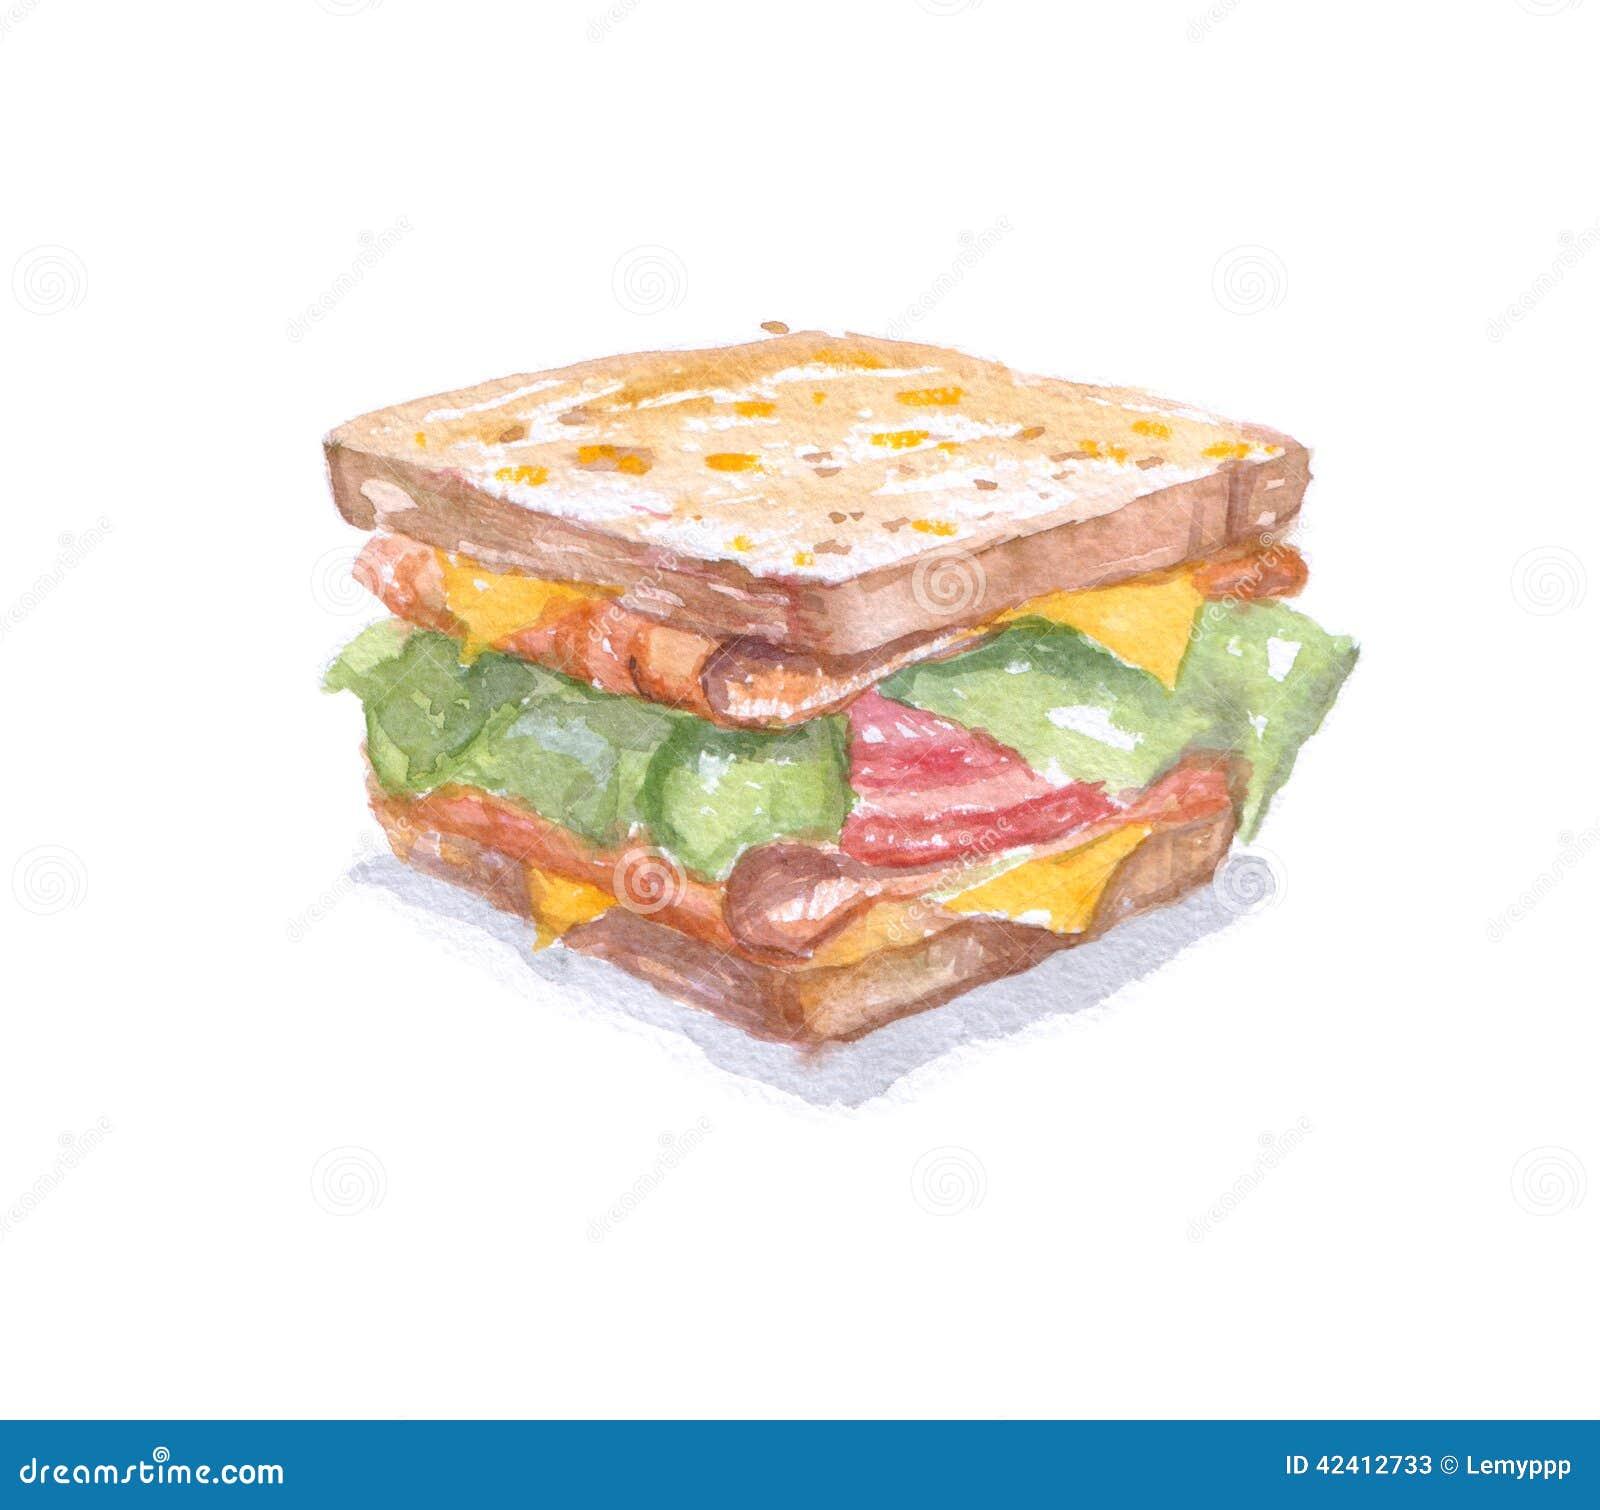 Thai Restaurant Sandwich